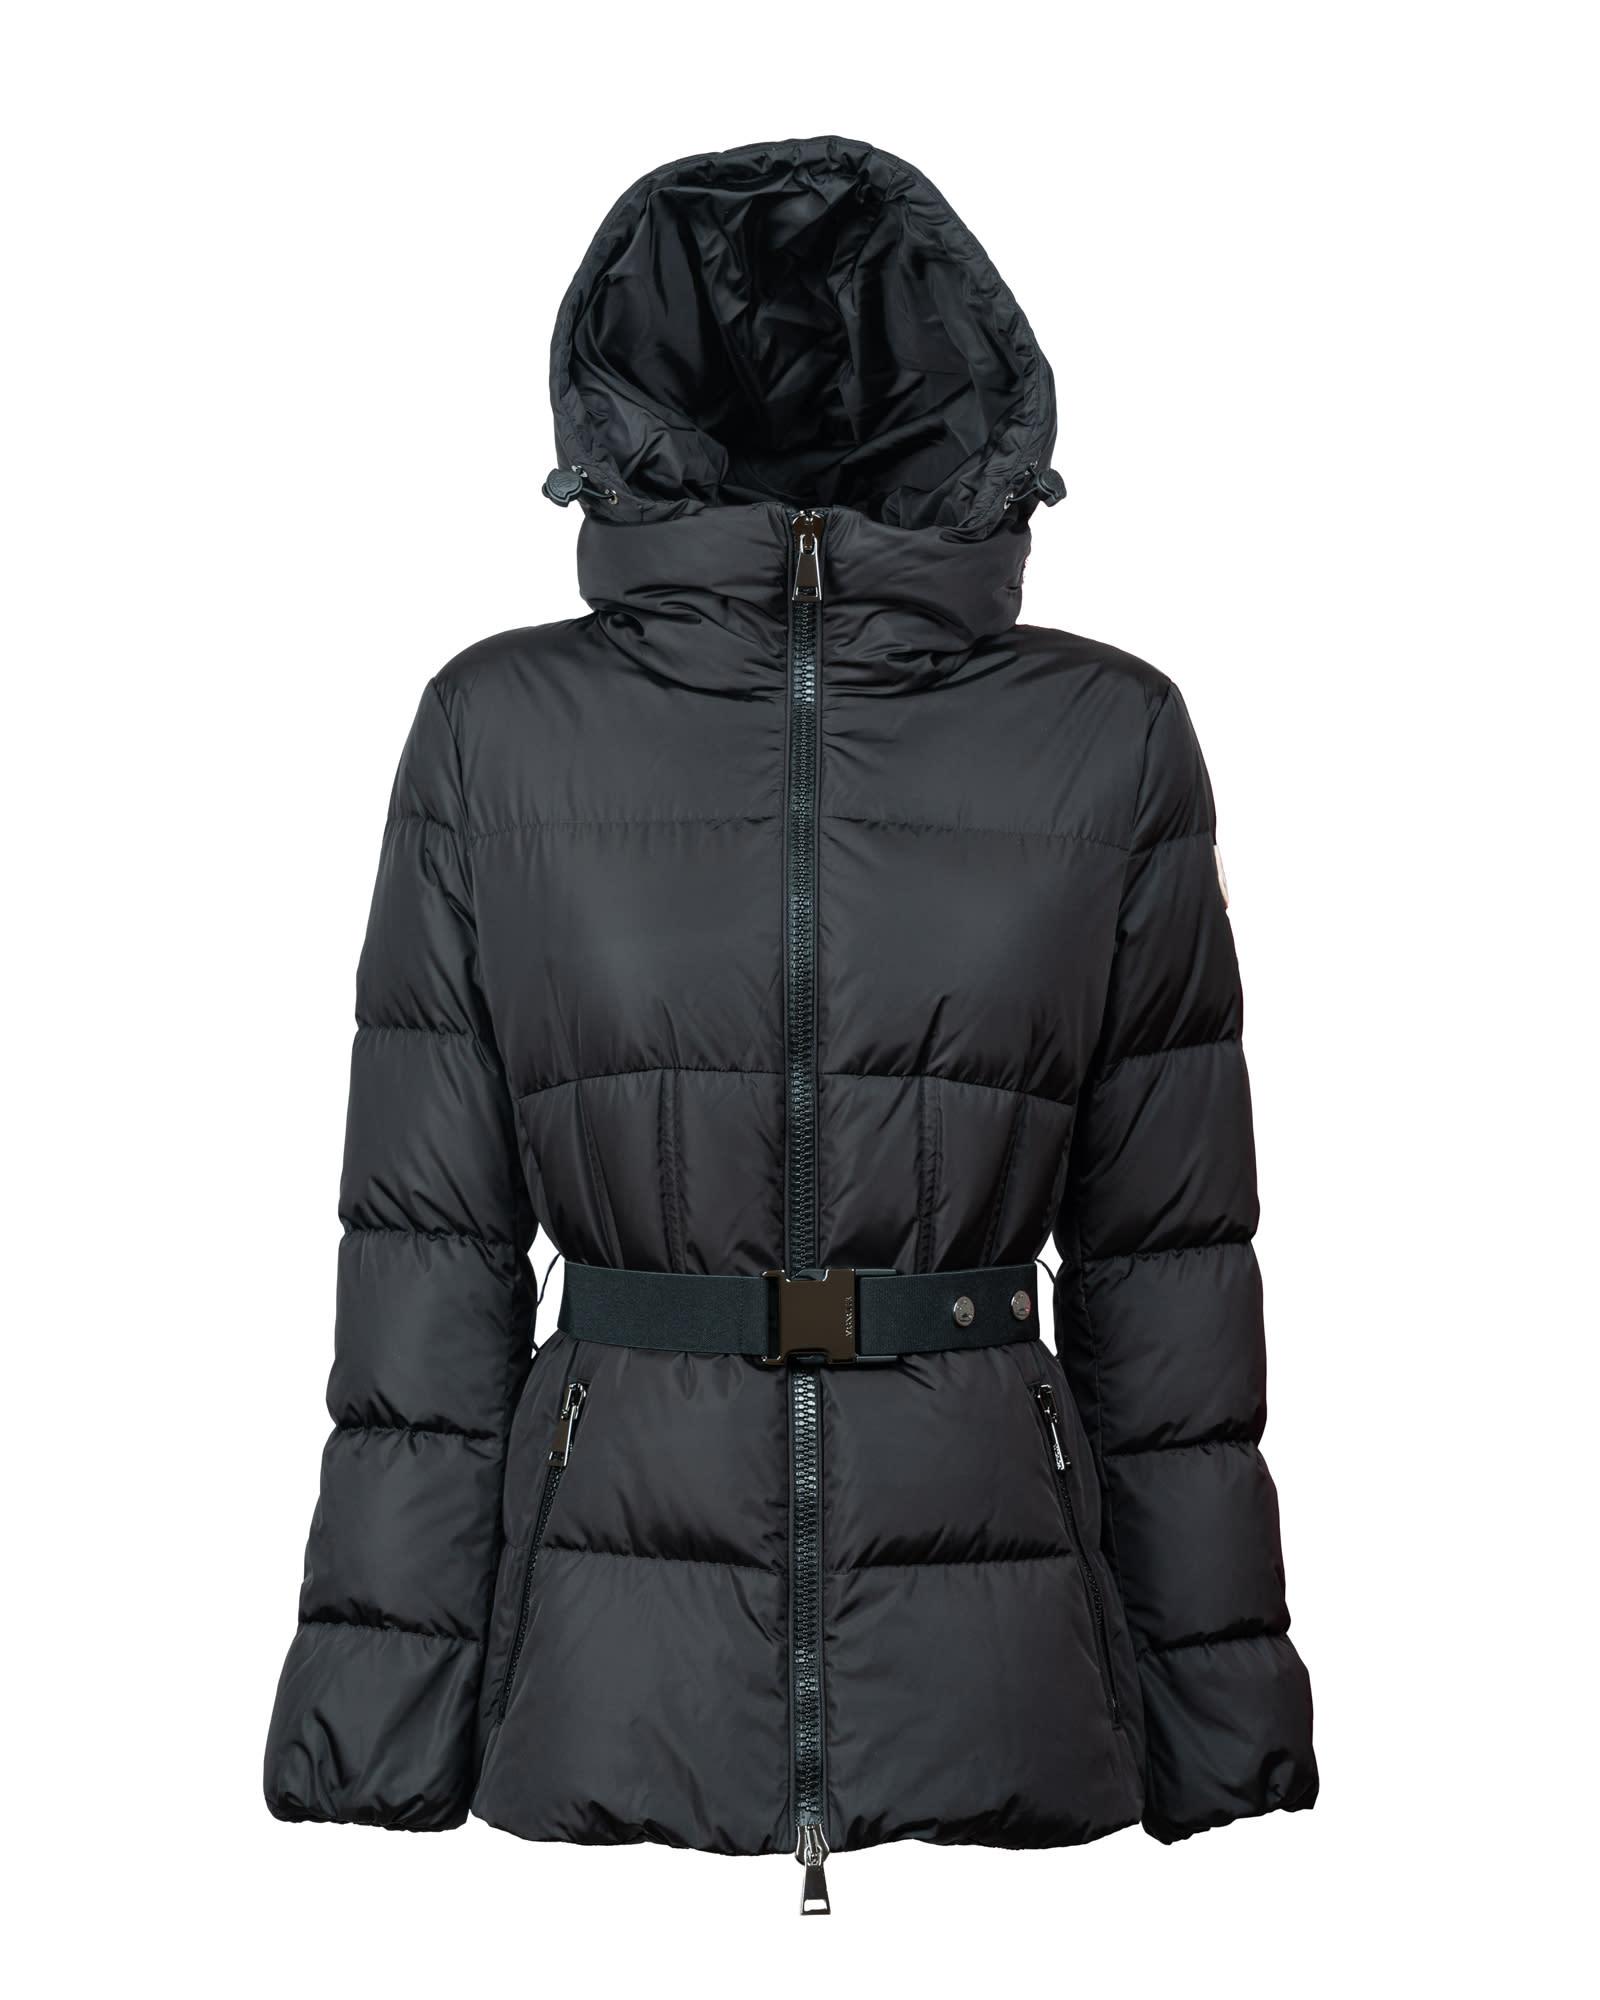 Moncler Cardoncelle down jacket